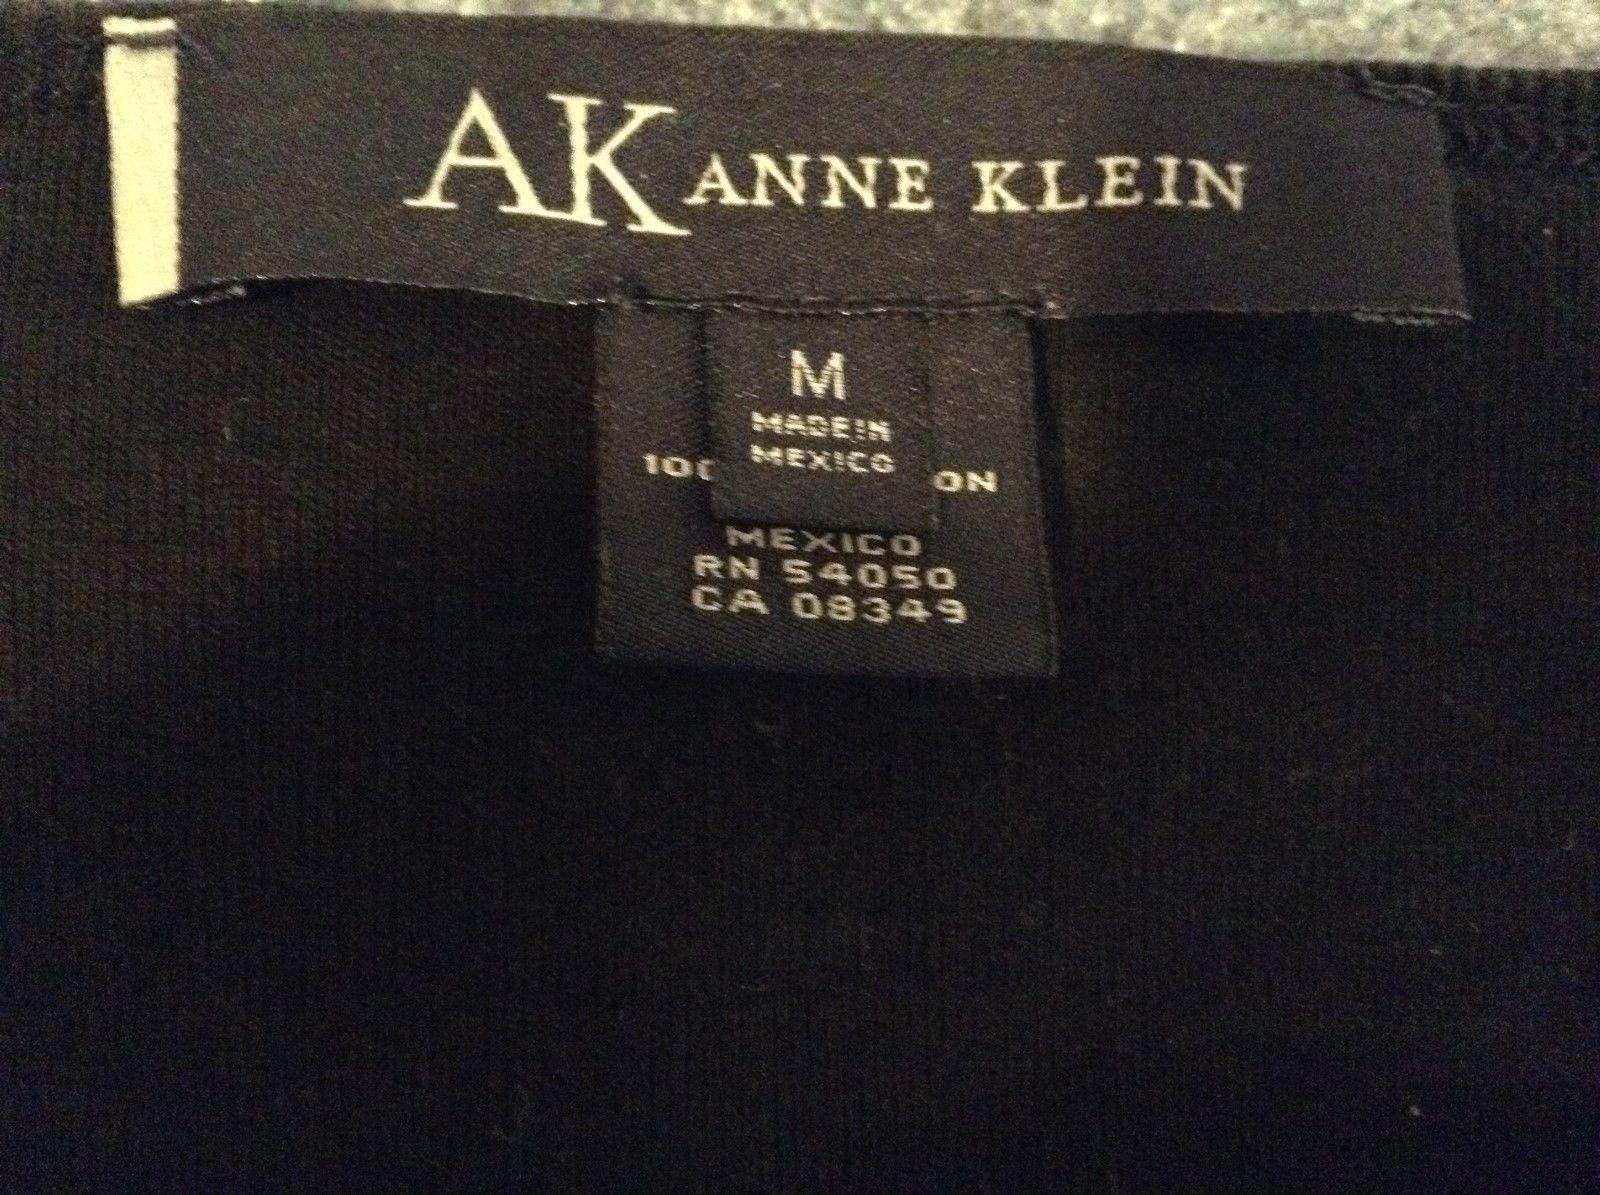 AK Ann Klein Black V Neck Sweater Sz M